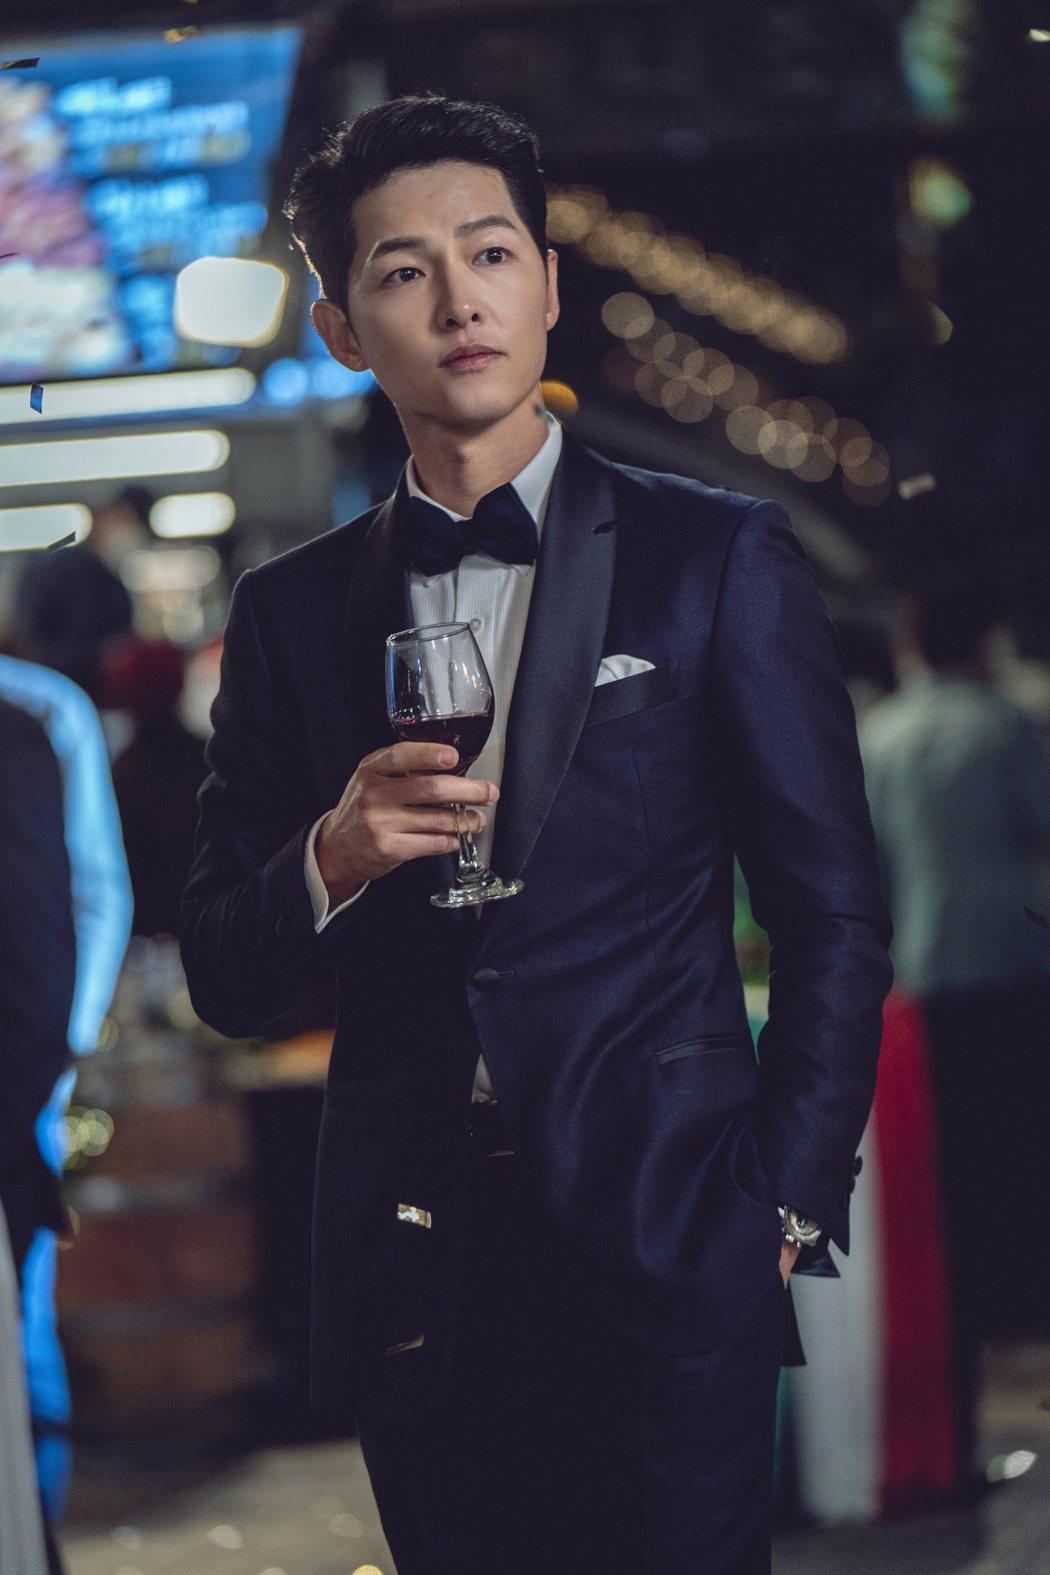 宋仲基在西裝襯托下更加帥氣。圖/Netflix提供   ※ 提醒您:禁止酒駕 飲